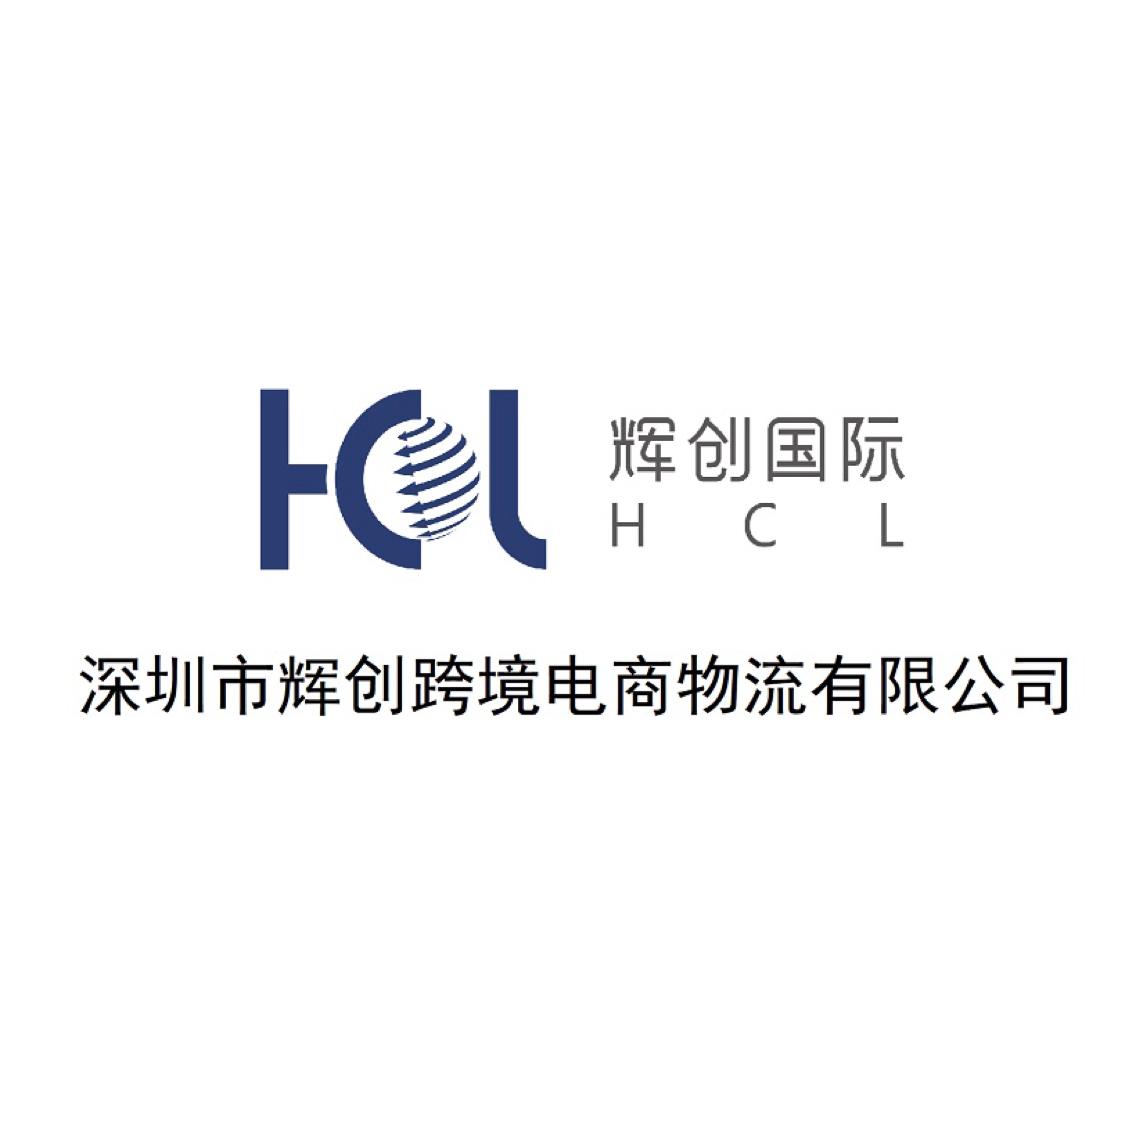 深圳市輝創跨境電商物流有限公司